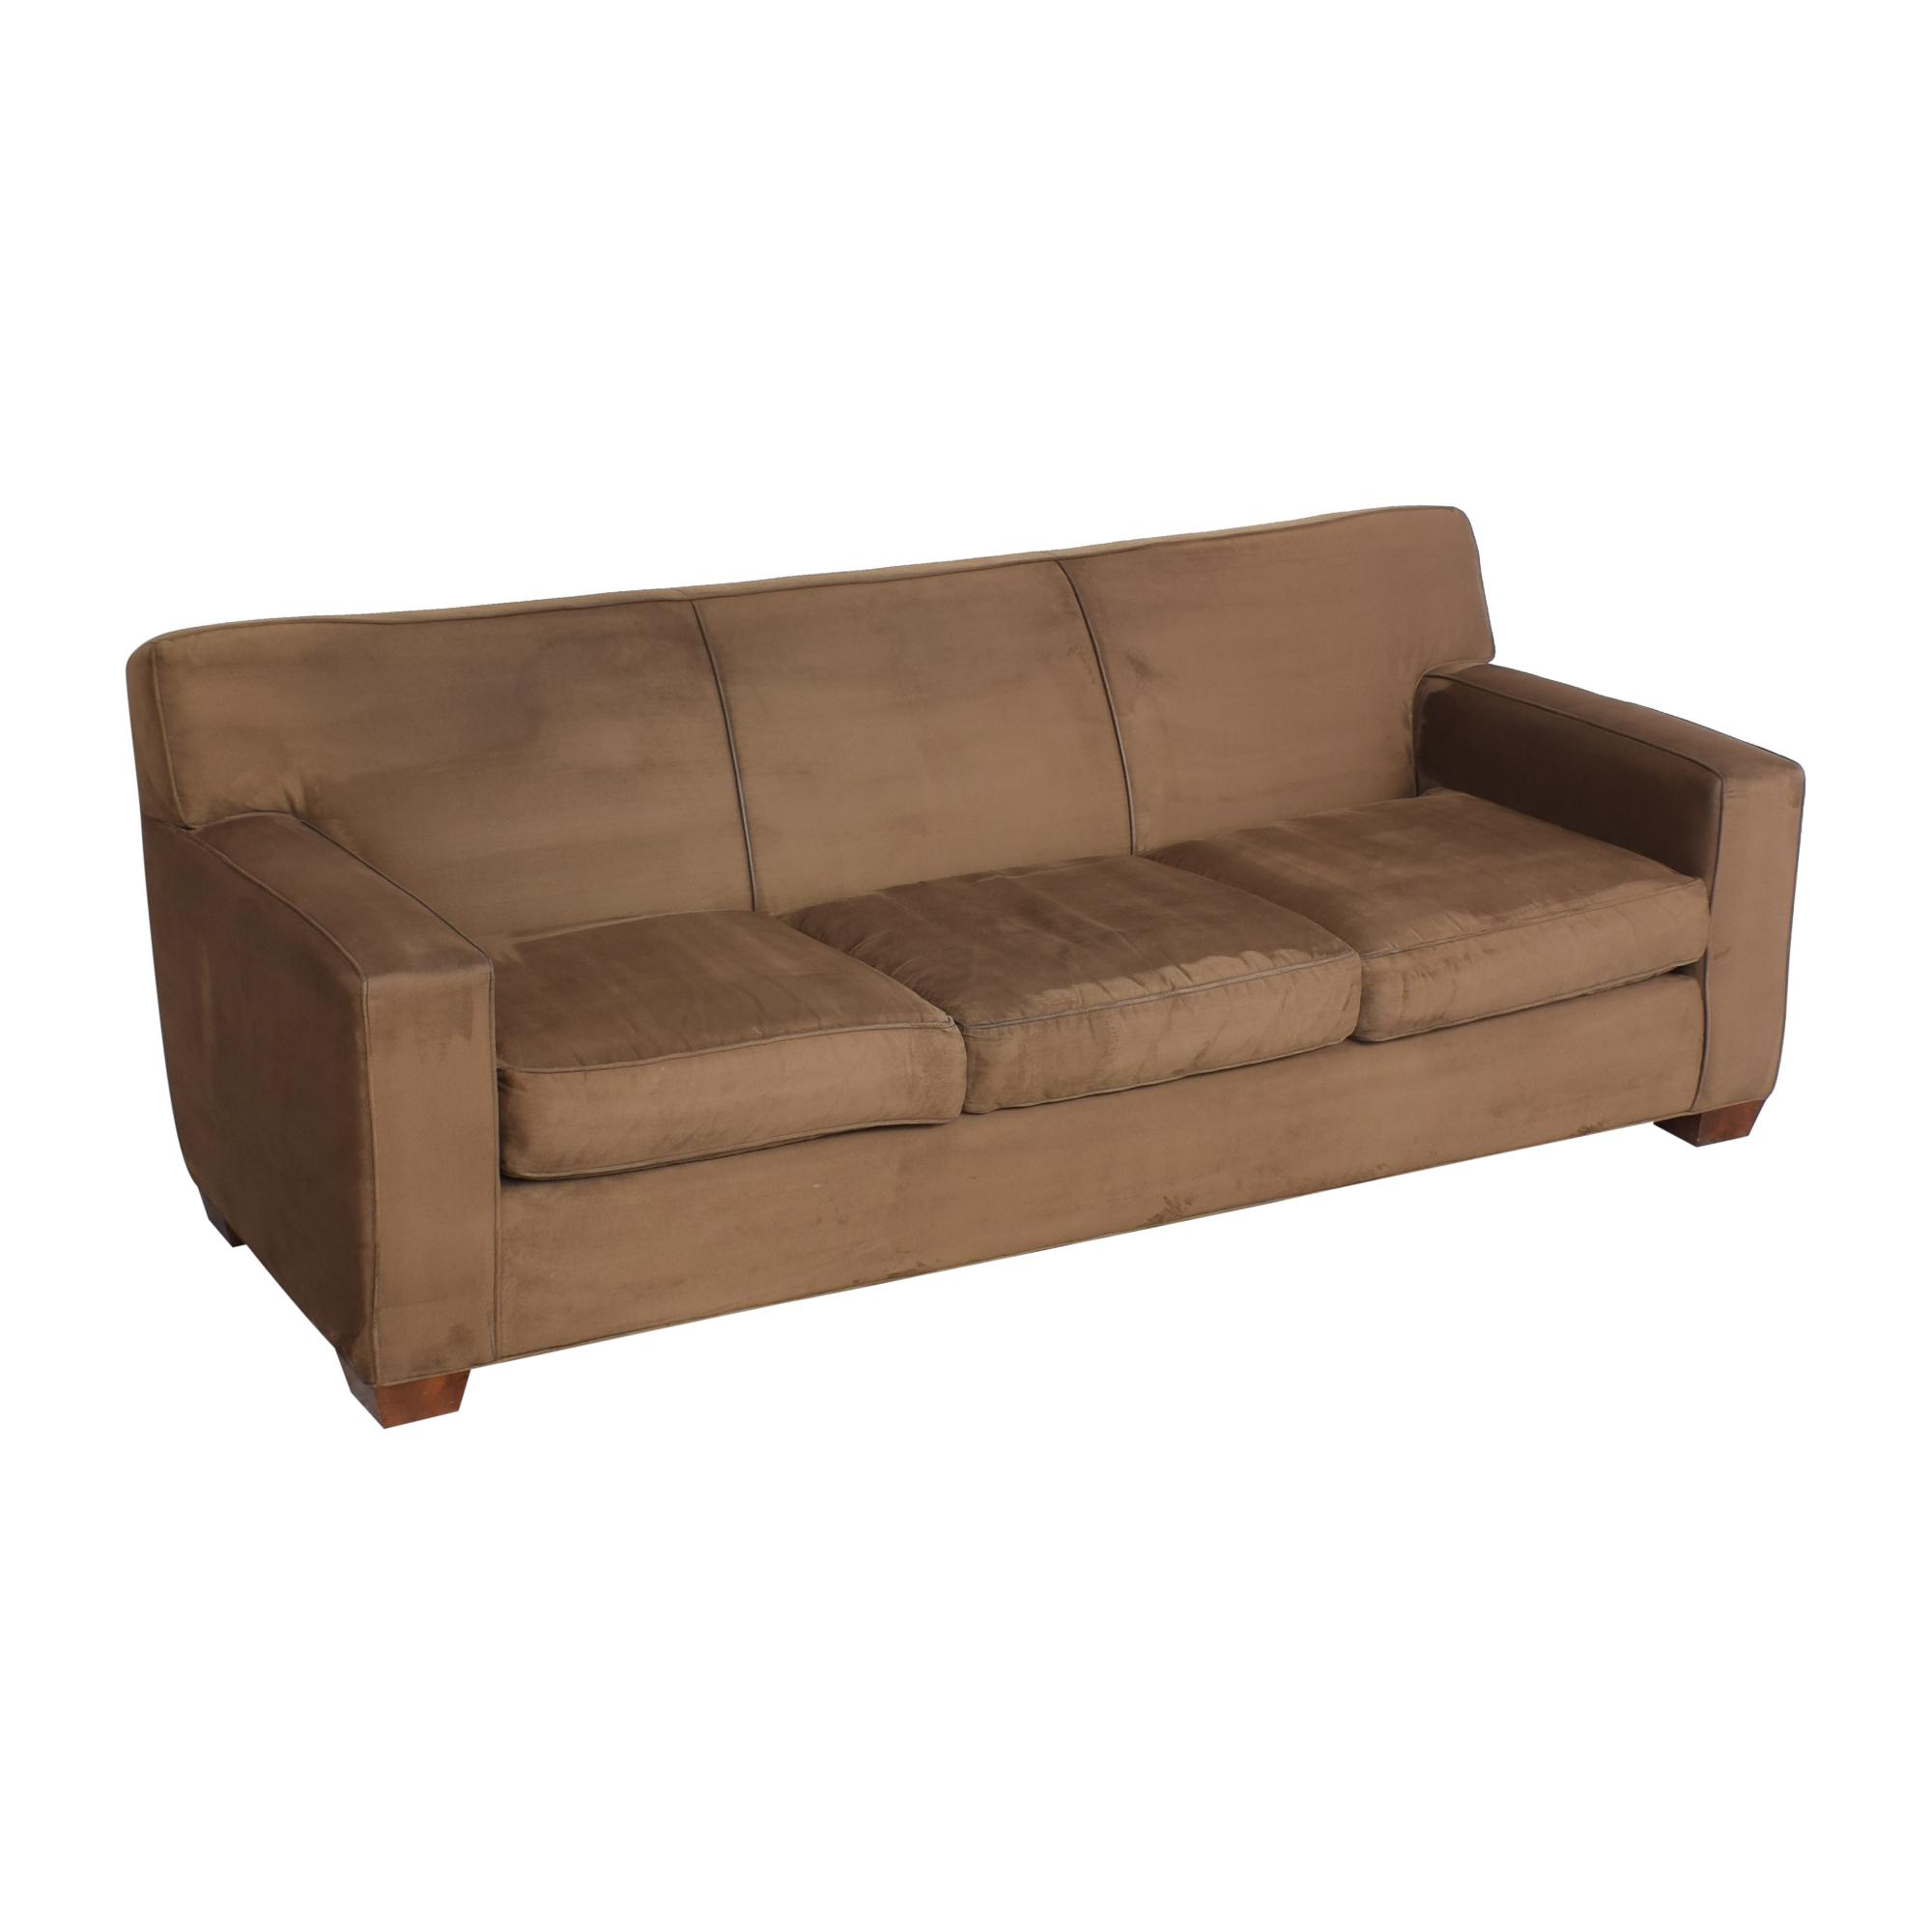 Crate & Barrel Crate & Barrel Three Cushion Sofa dimensions